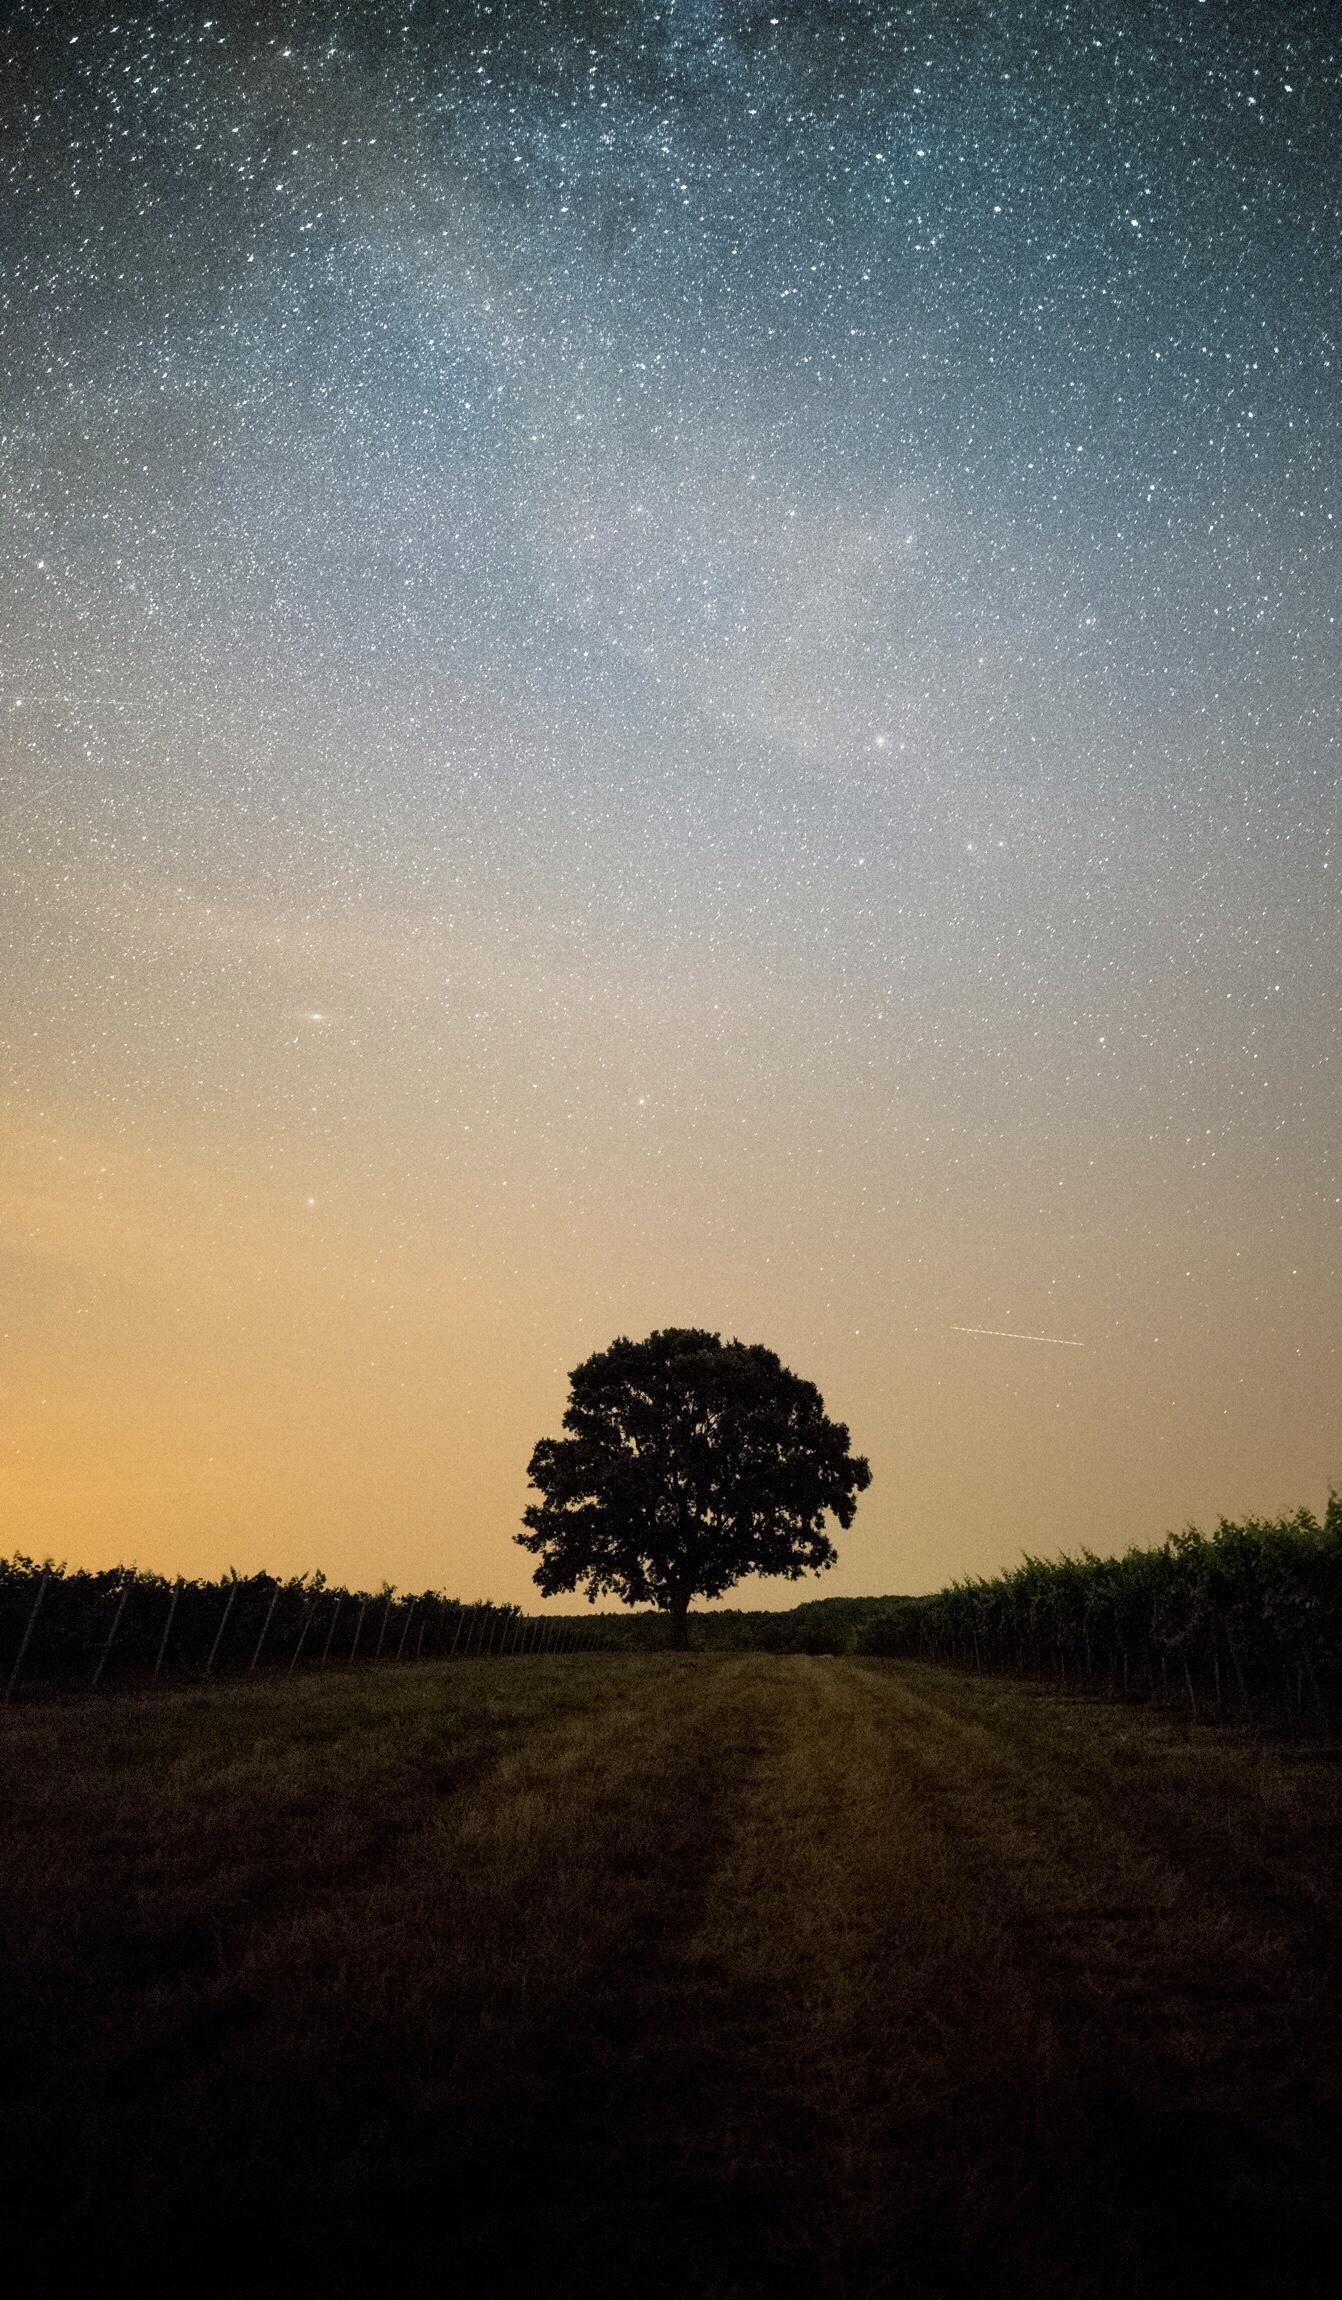 Méditation sonore de groupe - Pour continuer avec ce flux d'énergie positive, vous pourrez vous détendre dans cet environnement sûr et stimulant. Guider par des sons, des odeurs, vos sens en éveil, vous serez emporté dans un voyage révélateur, libérant votre esprit, stimulant votre corps physique, et vous permettant de faire une pause et vous connecter avec vous même.Des méditations seront proposées au coucher du soleil, si le temps le permet.